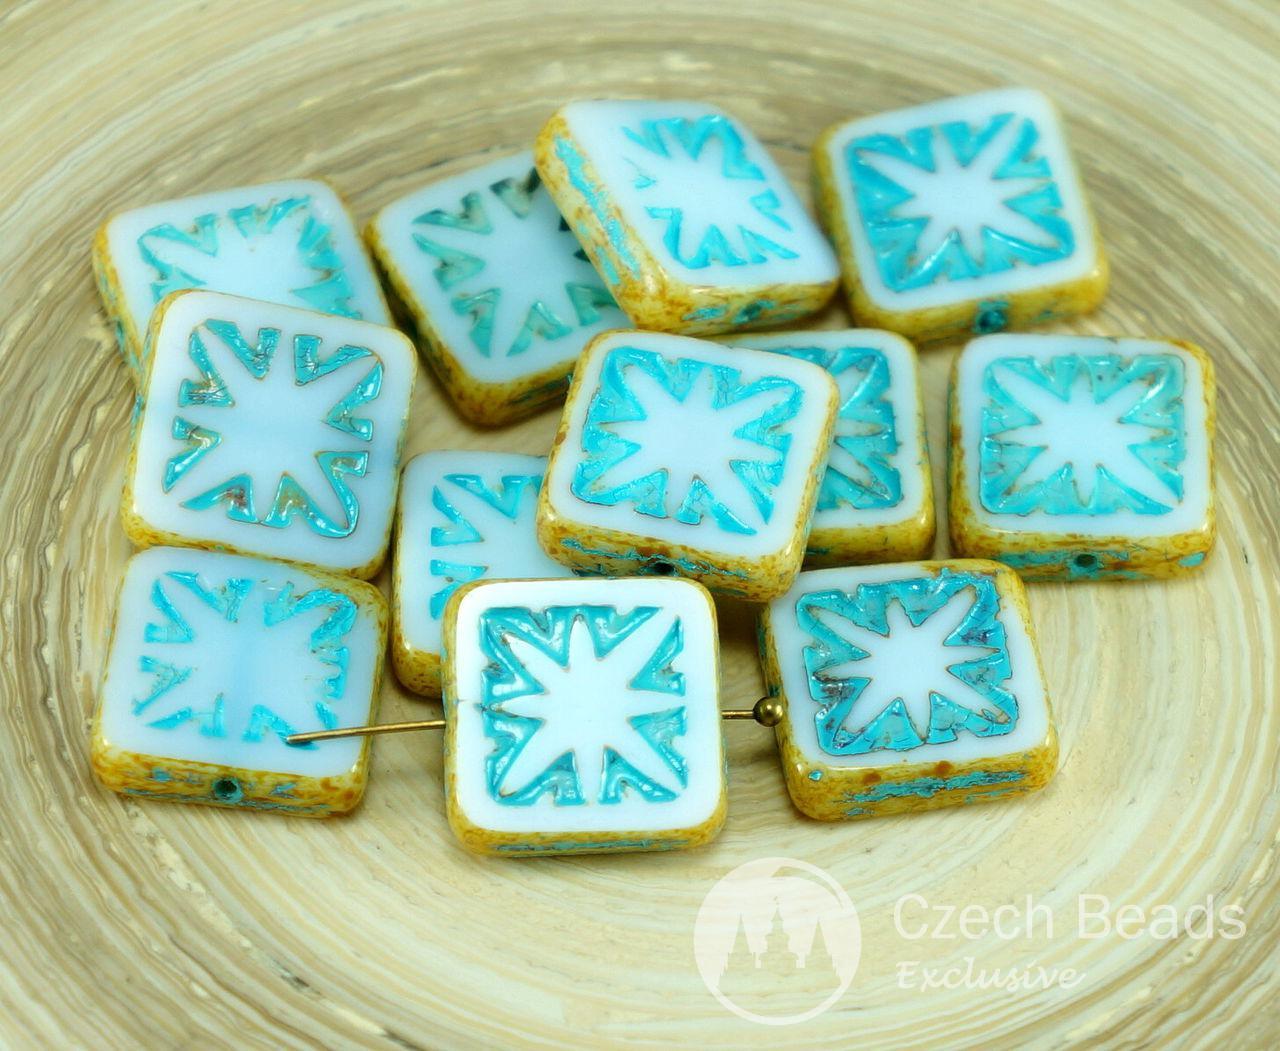 Picasso Blanc Bleu Turquoise taille de Table de la Fenêtre de Verre tchèque Plat Carré Perles 14mm 6pcs pour $ 2.64 à partir de Czech Beads Exclusive